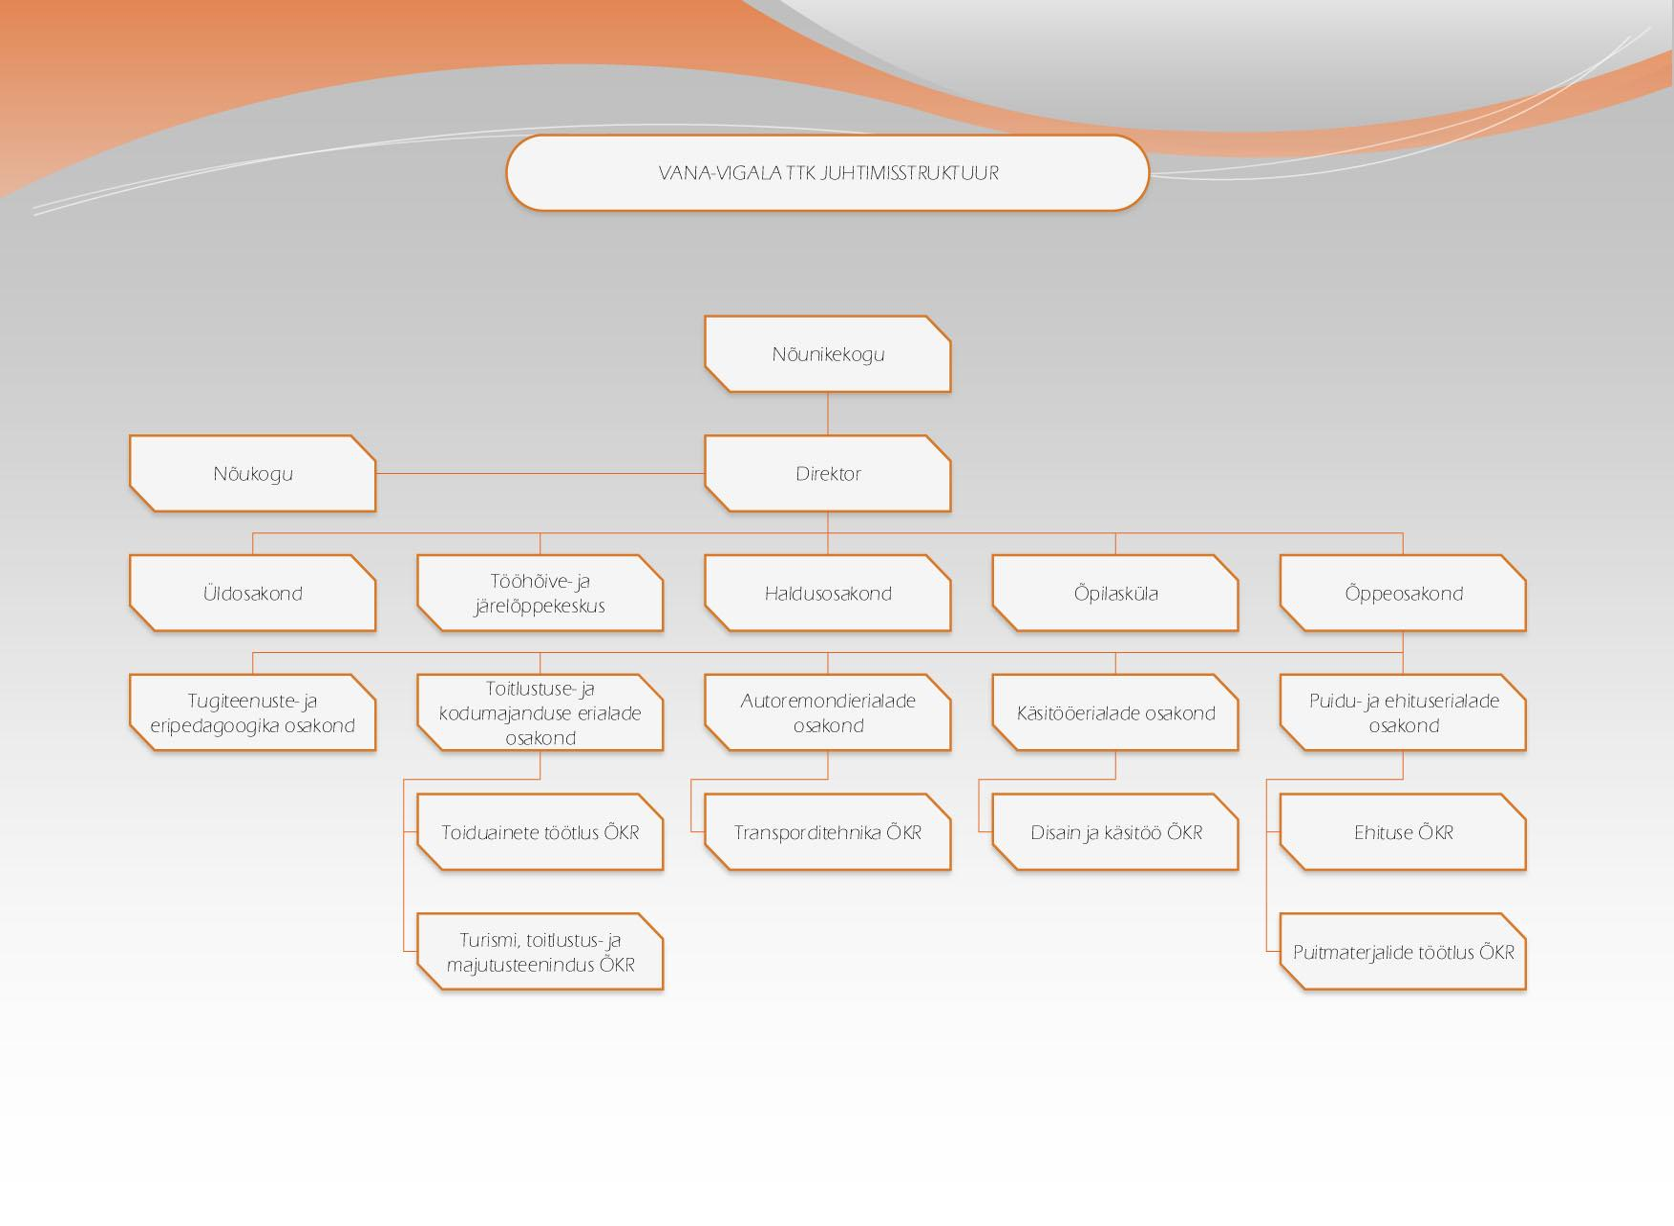 Juhtimisstruktuur